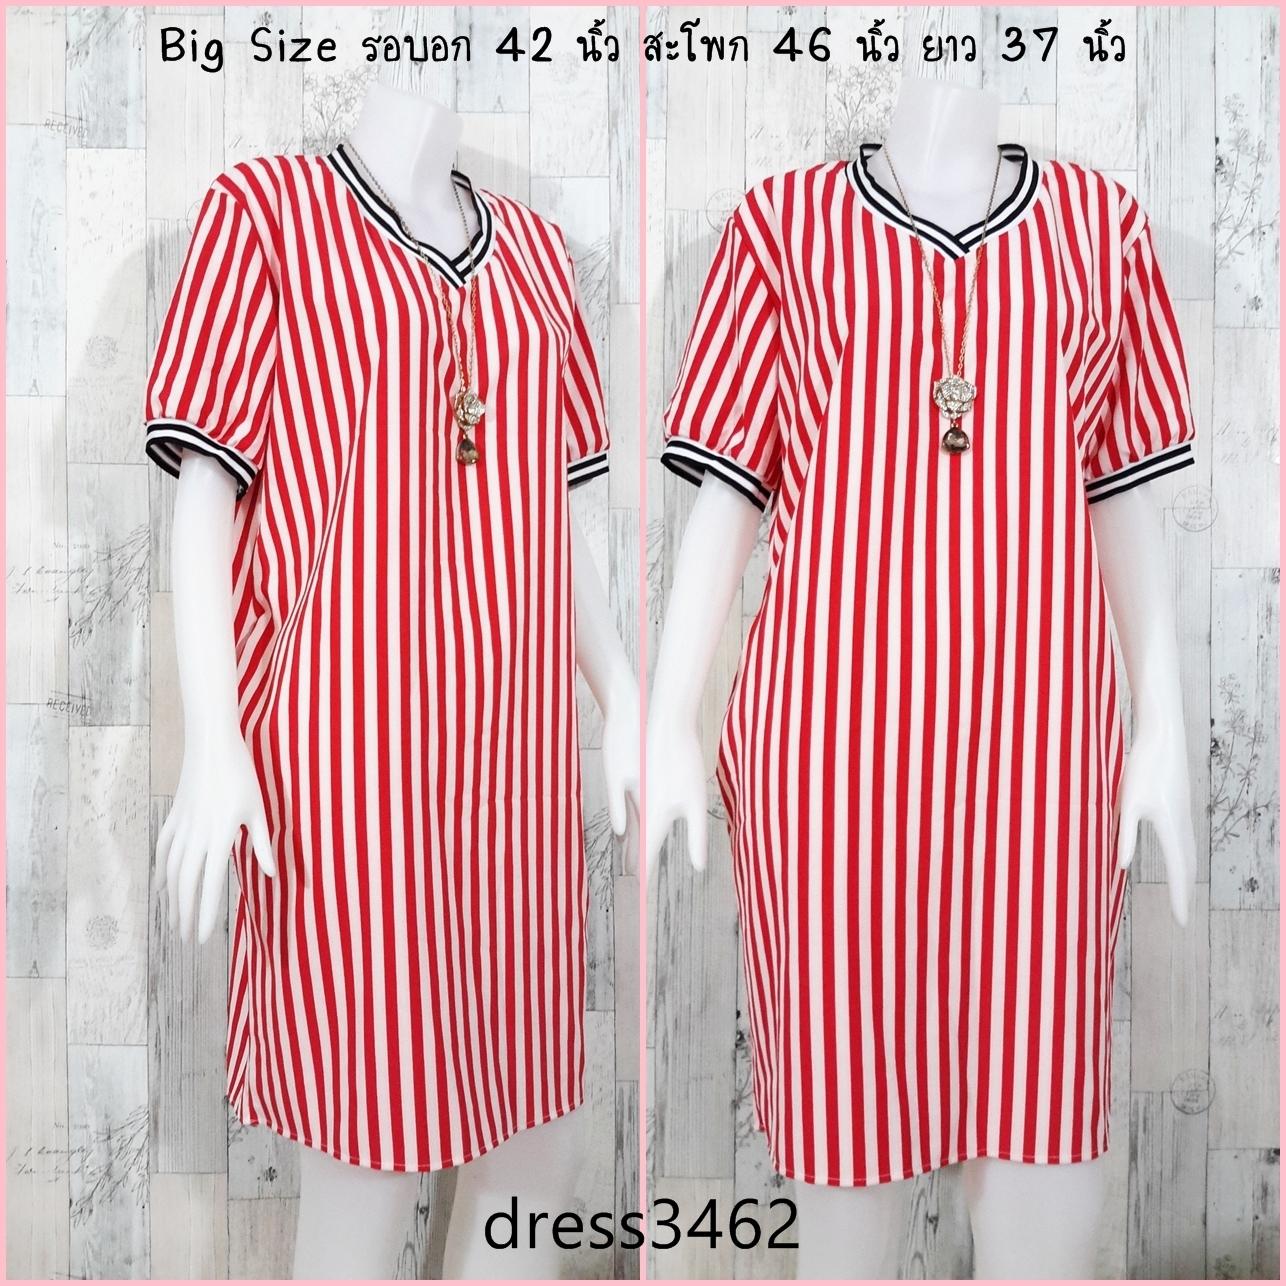 Dress3462 ชุดเดรสไซส์ใหญ่ คอวี แขนจัมพ์ กระเป๋าเจาะข้าง ผ้าไหมอิตาลีเกรดเอเนื้อนิ่มลายริ้ว โทนสีขาวแดง